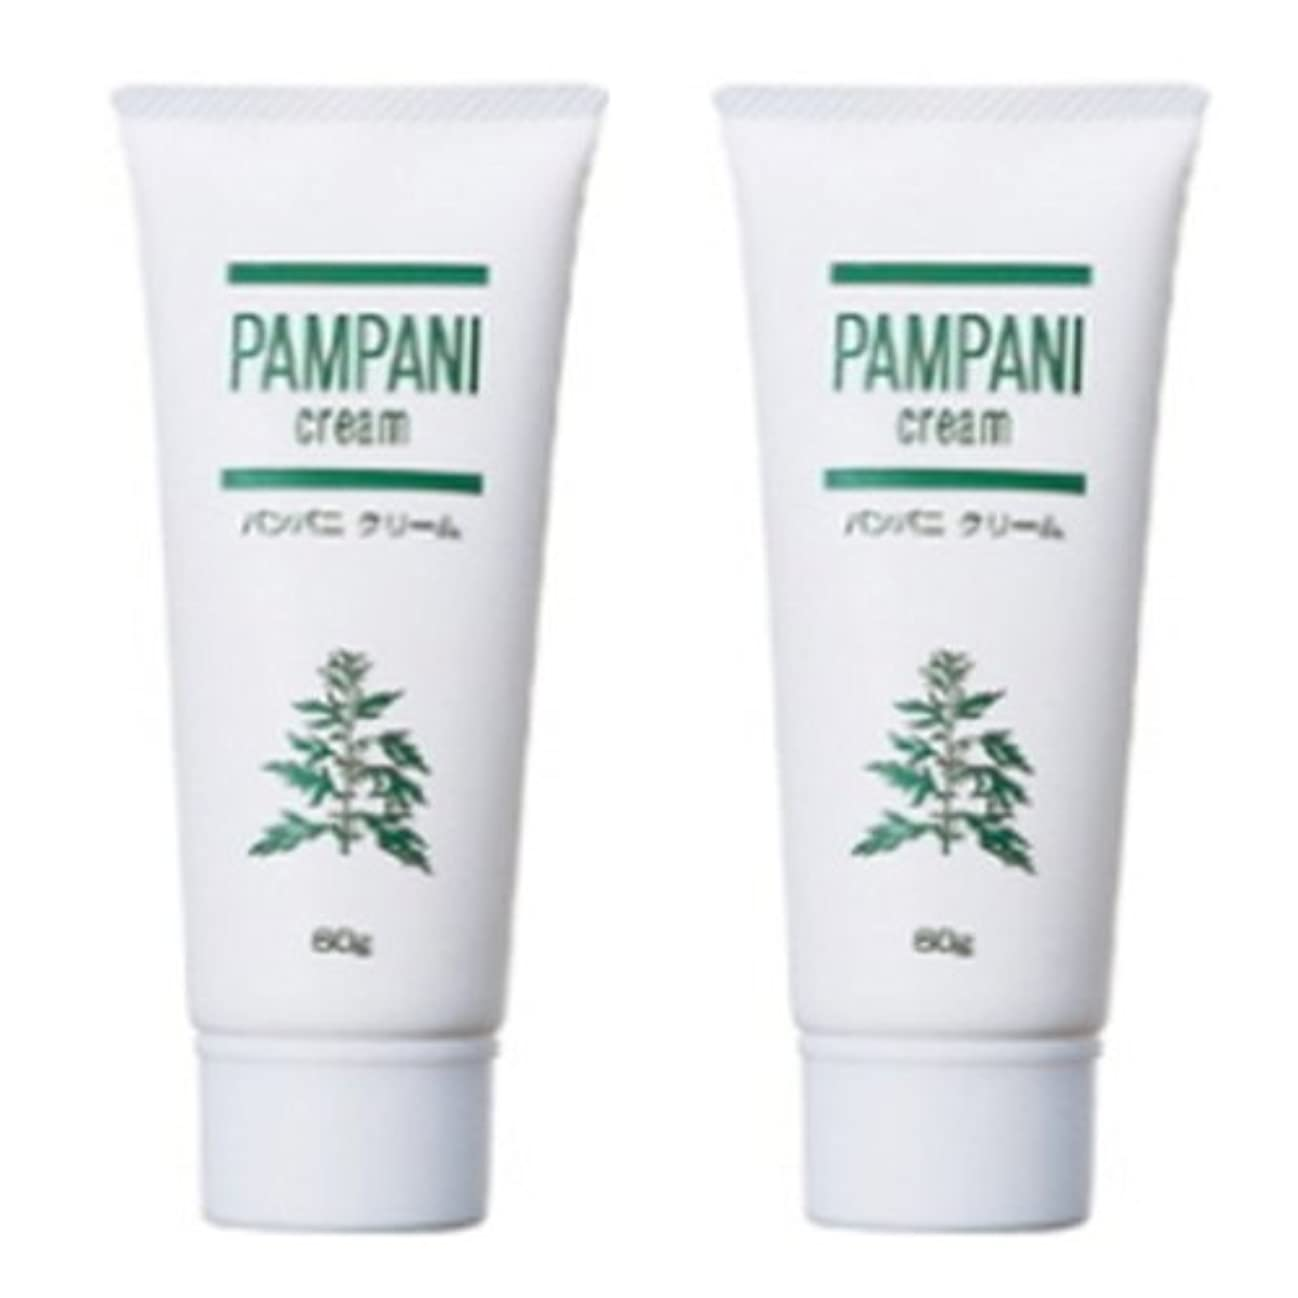 整理する経済的ダーリンパンパニ(PAMPANI) クリーム 60g×2本組